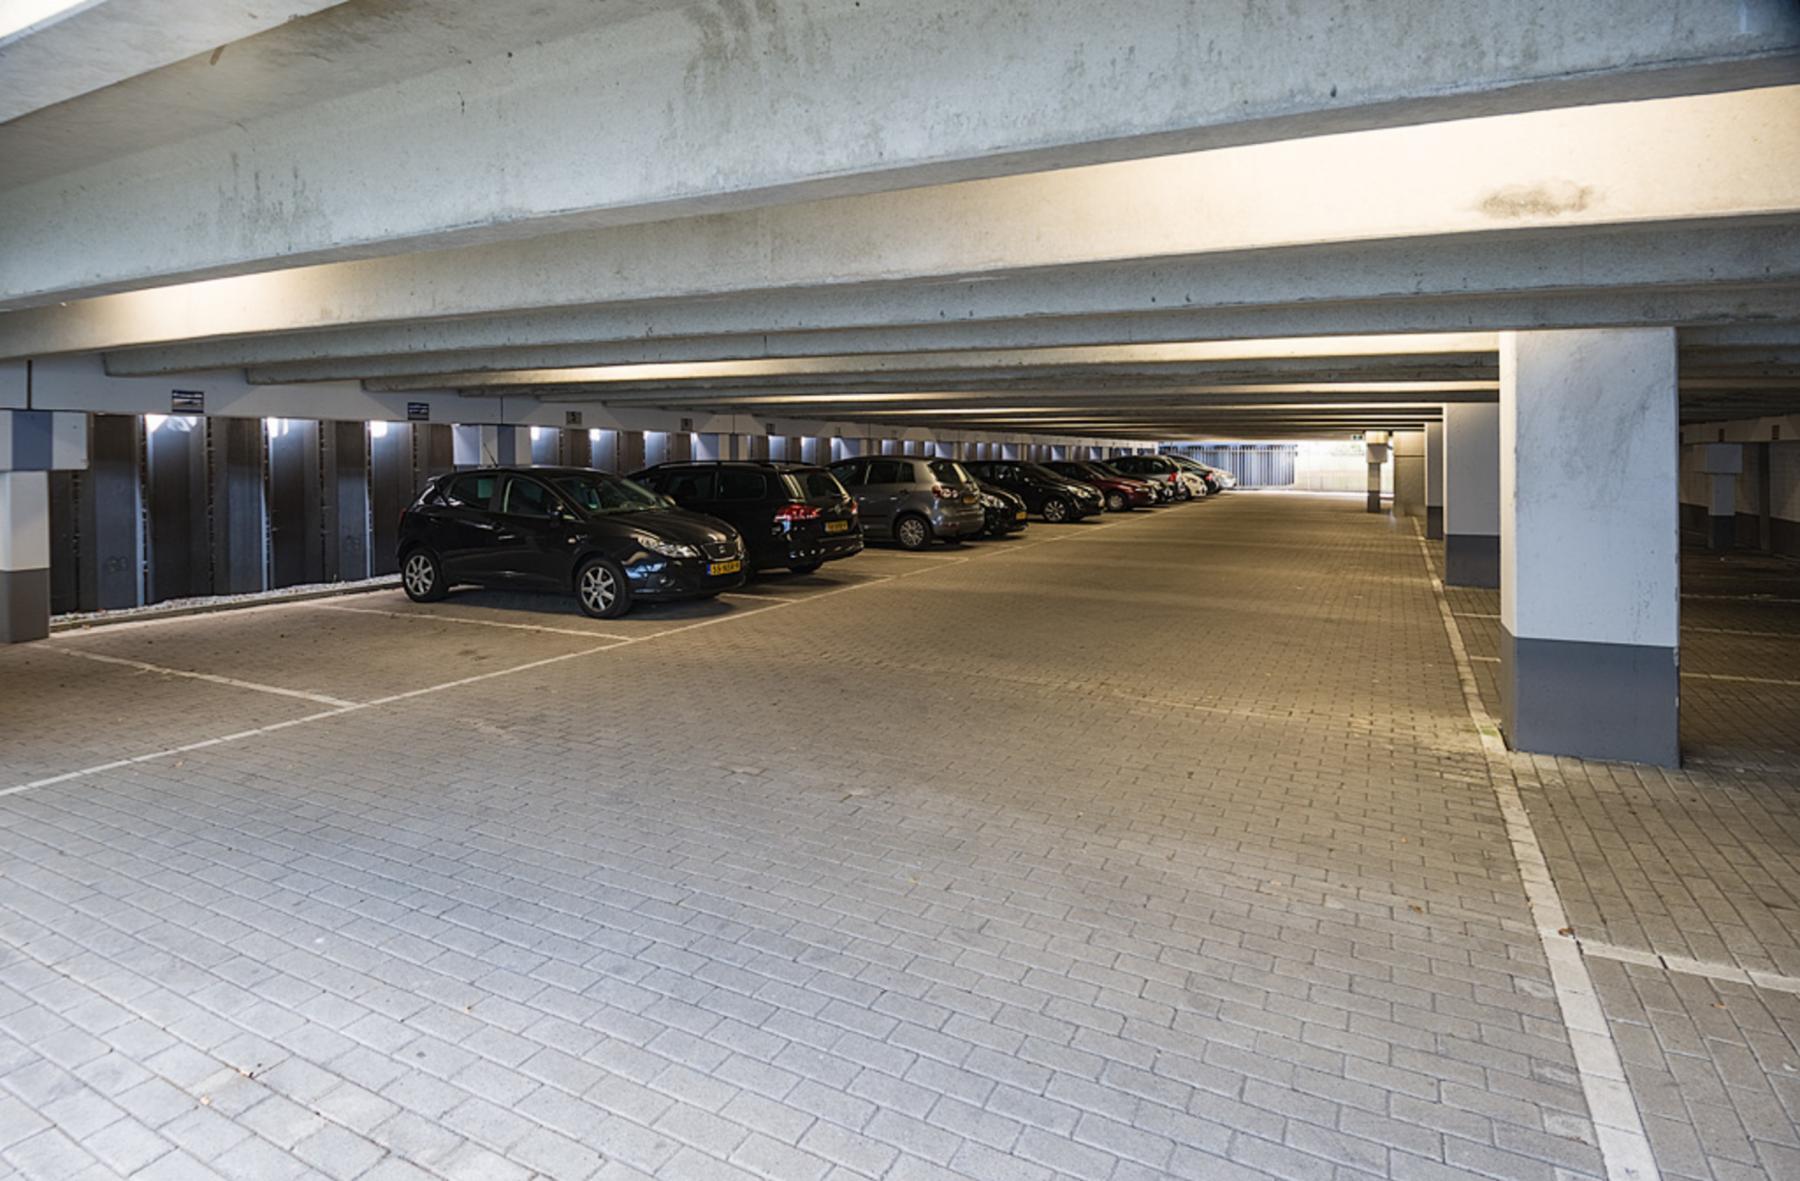 Kantoorruimte huren Overschiestraat 59, Amsterdam (5)